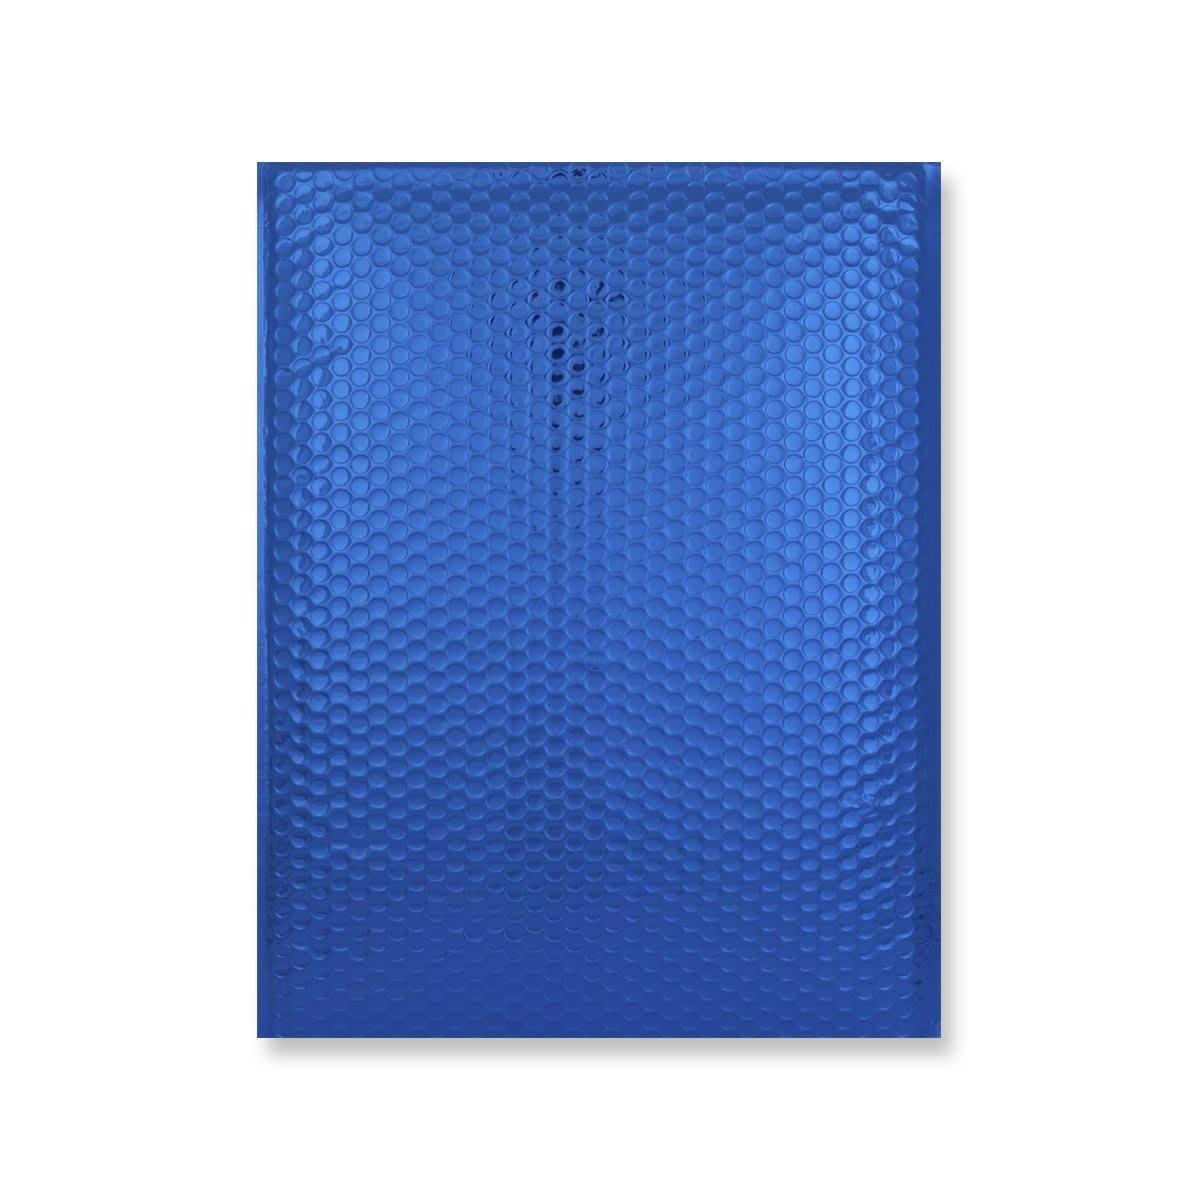 C3 GLOSS METALLIC BLUE PADDED ENVELOPES (450 x 320MM)